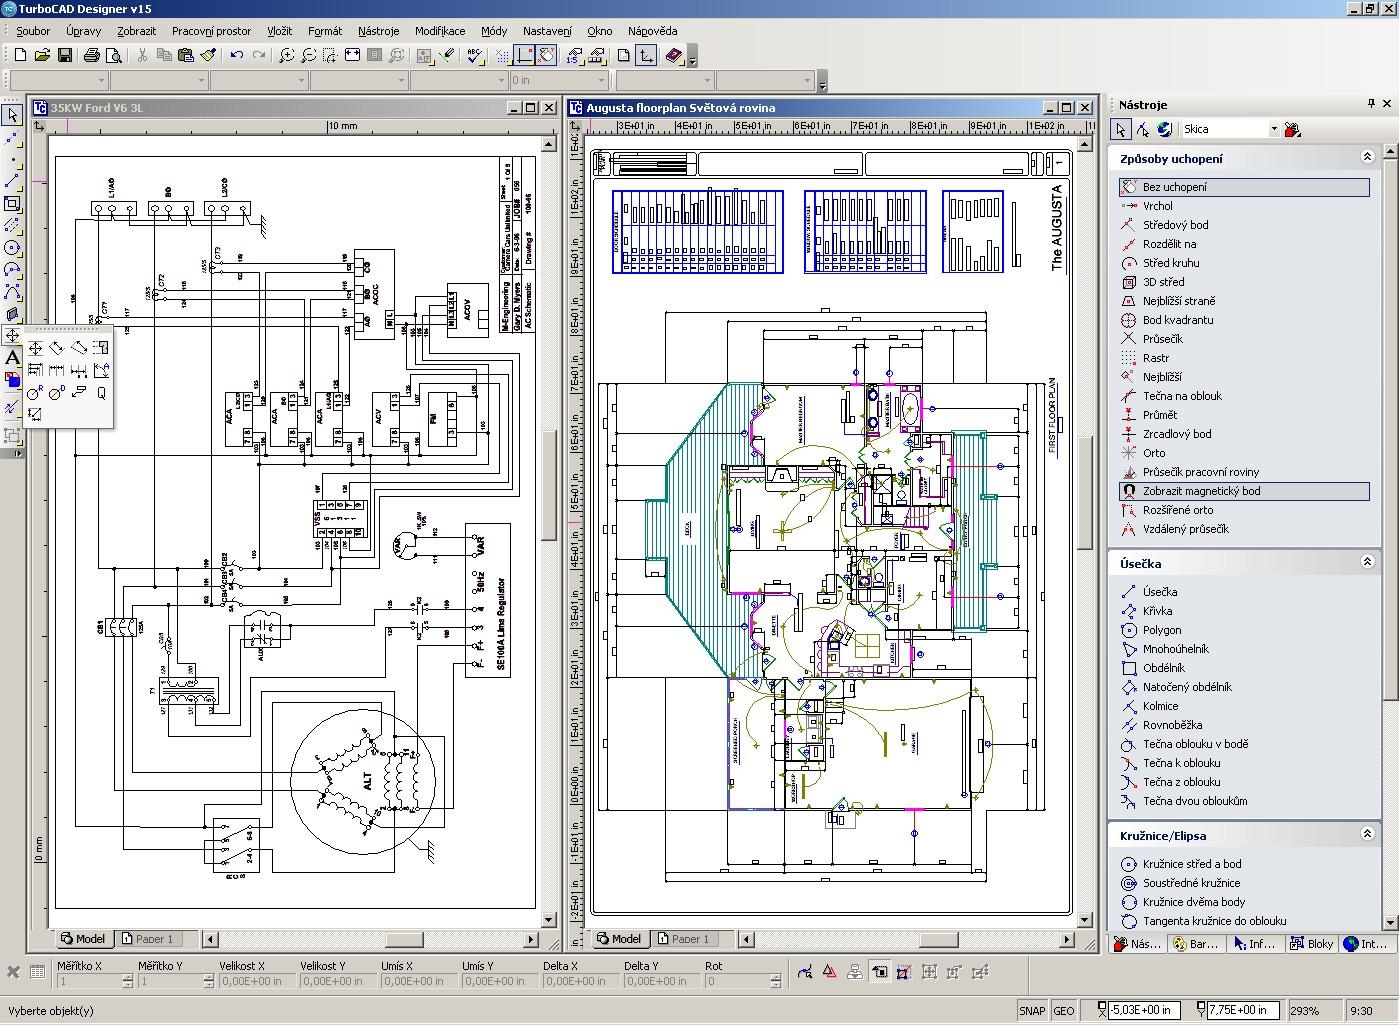 Spinar Cz Turbocad Designer 2d V17 Cz Informace